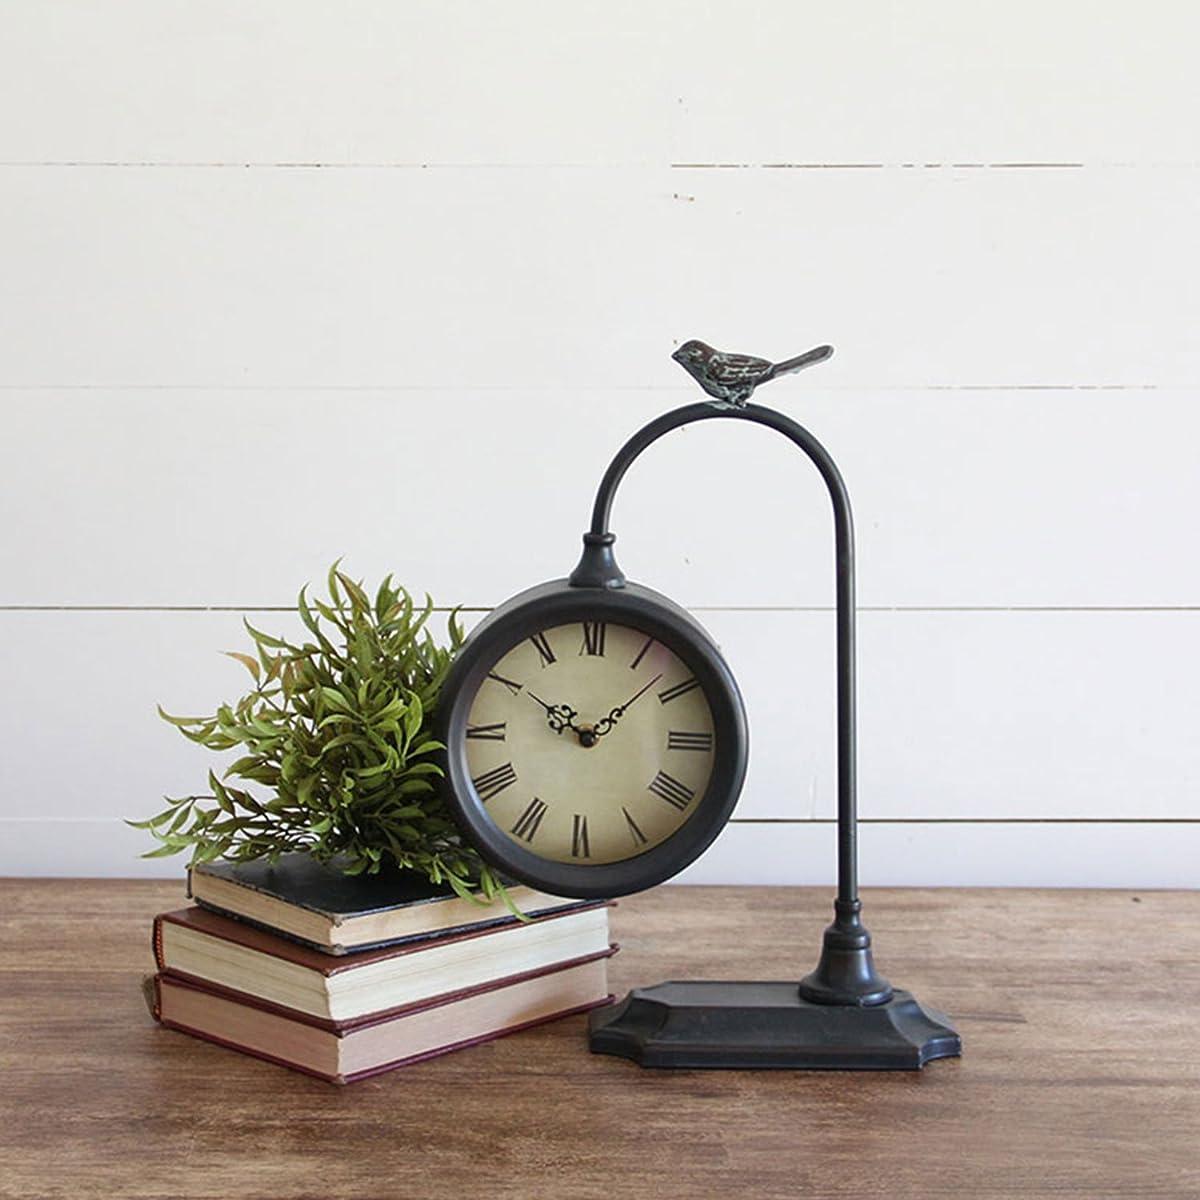 Foreside Home & Garden Bird Table Clocks